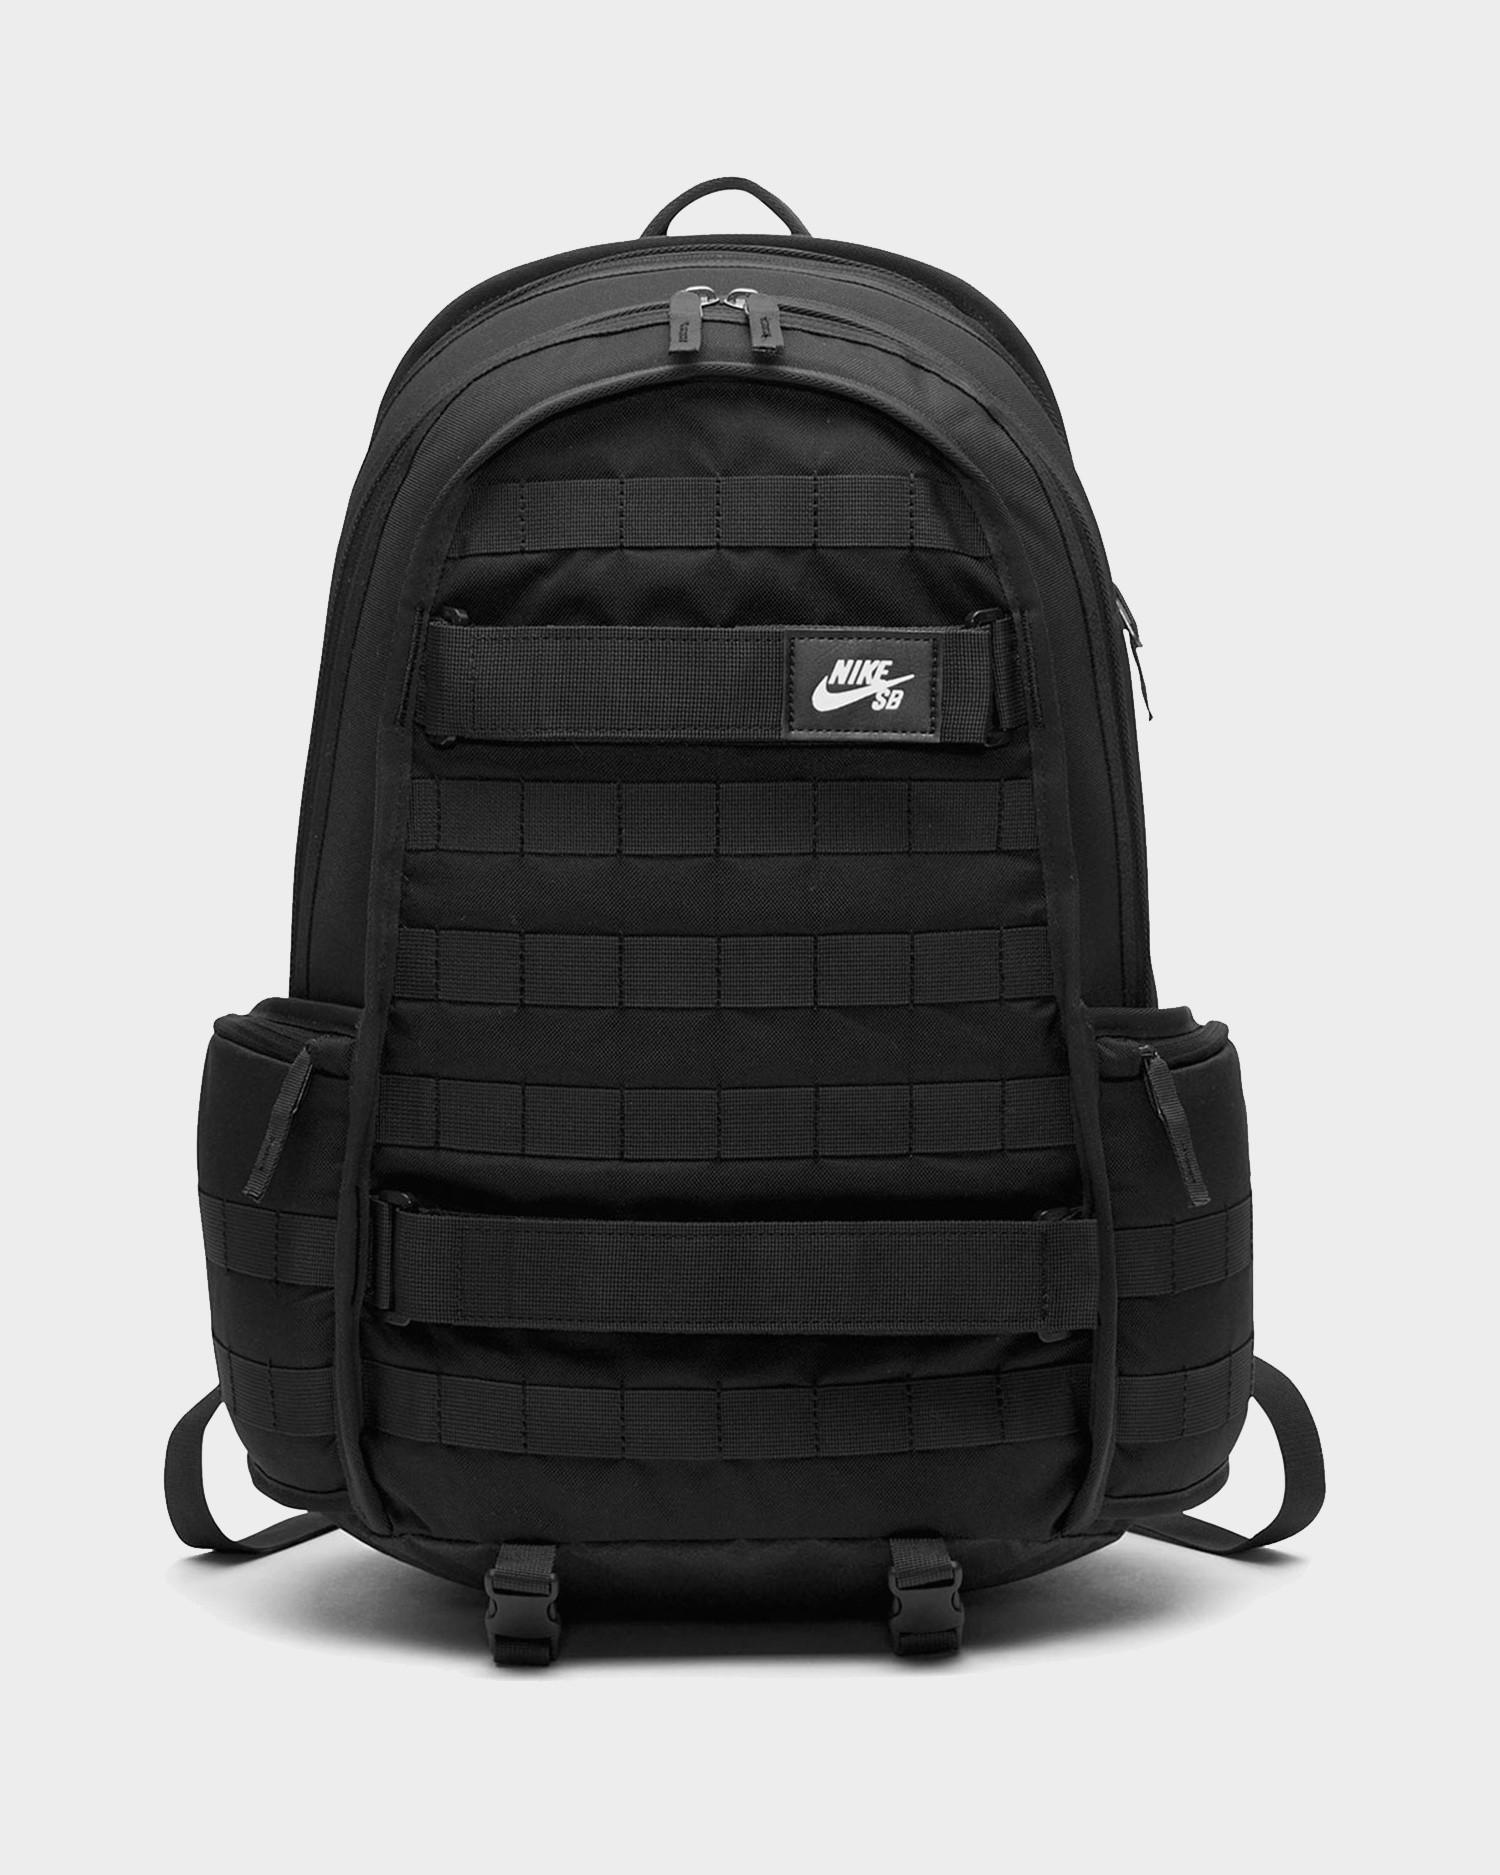 Nike SB RPM Black/Black/Black